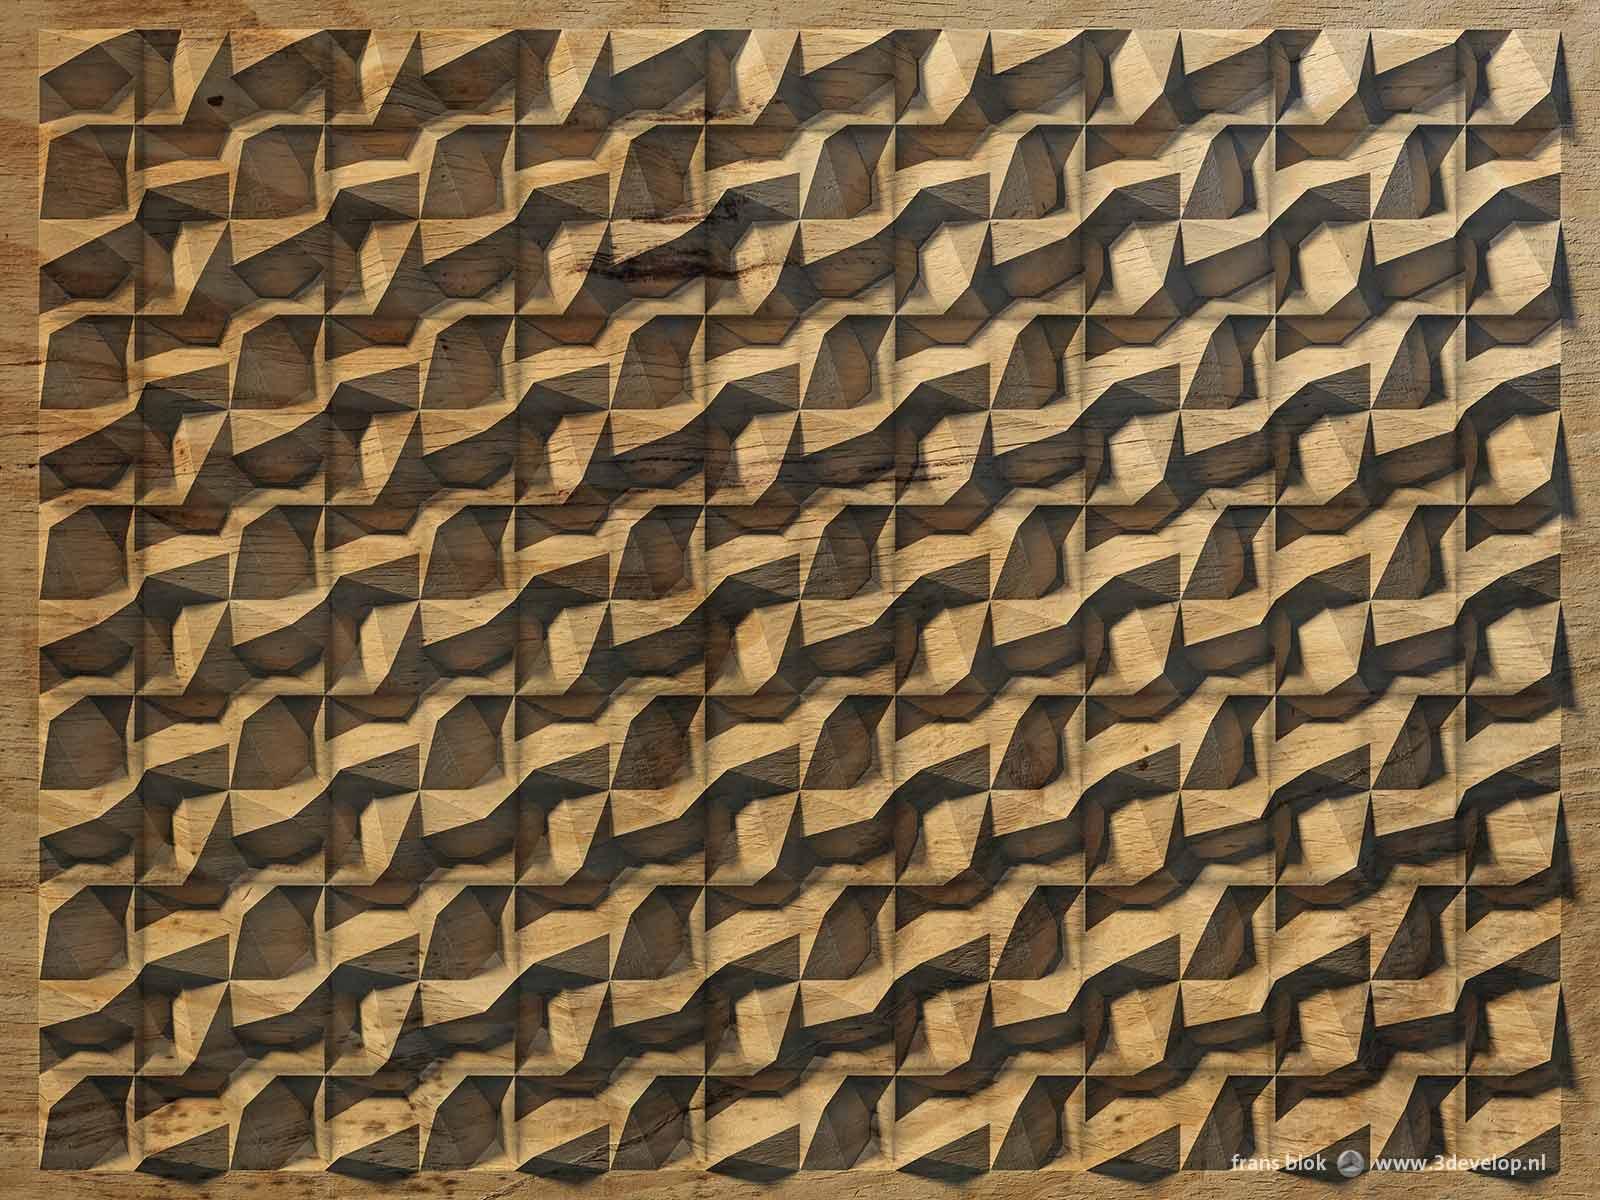 Een virtueel reliëf, dat op het platte vlak de illusie van diepte wekt, met een soort golfbeweging in een vierkant grid, uitgevoerd als houtsnijwerk.